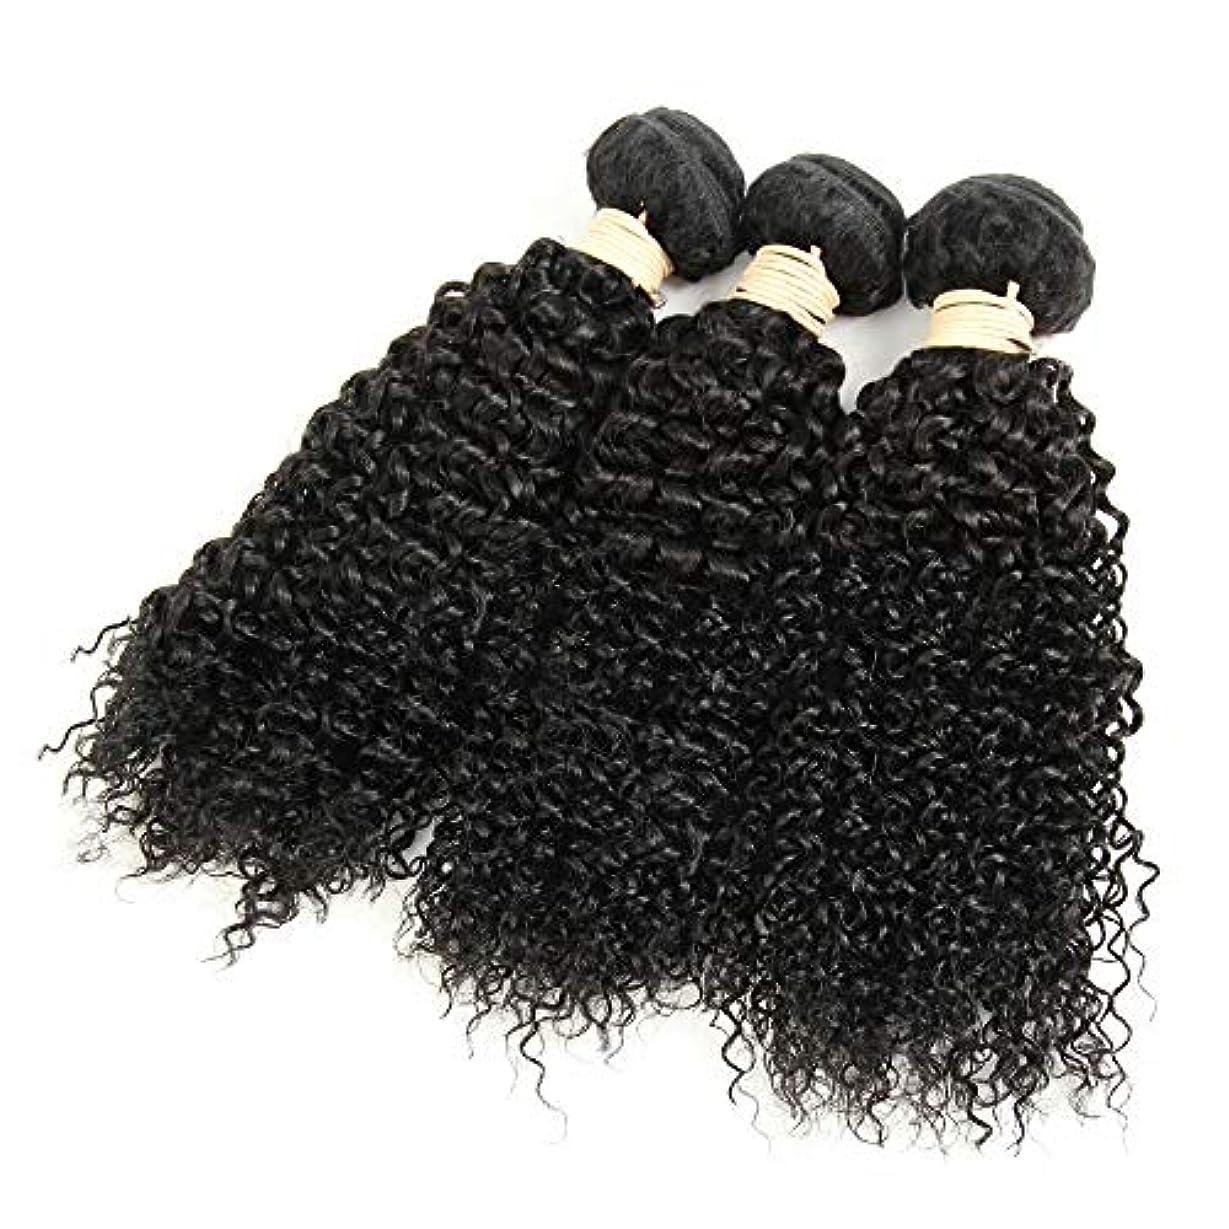 悪い集まる支配するHOHYLLYA 1バンドル変態巻き毛100%本物の人間の髪の毛の束ブラジルのディープウェーブの毛未処理の髪を編む(8